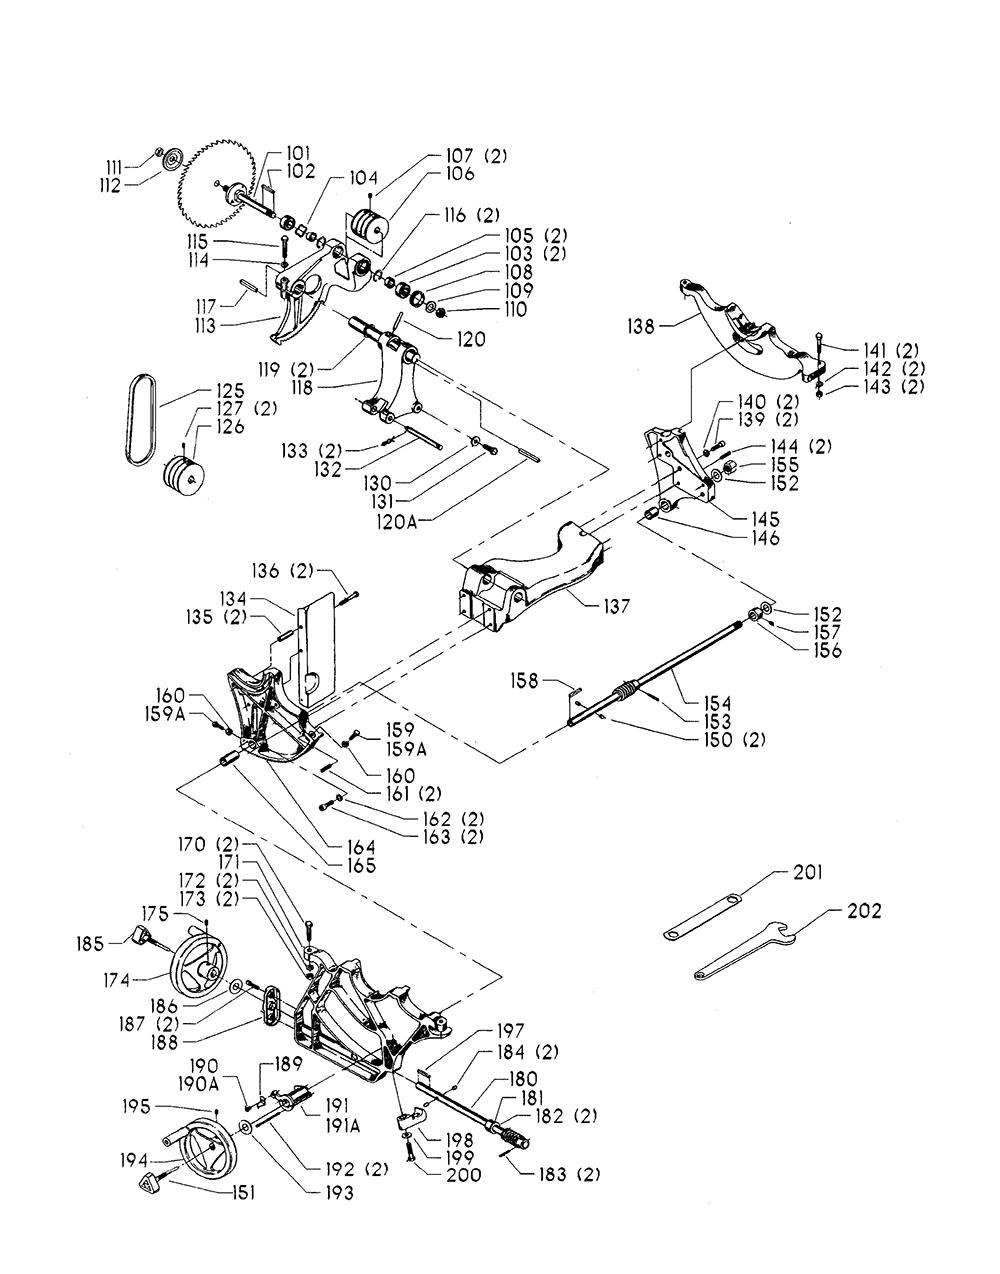 34-897-1-3-T3-Delta-PB-1Break Down